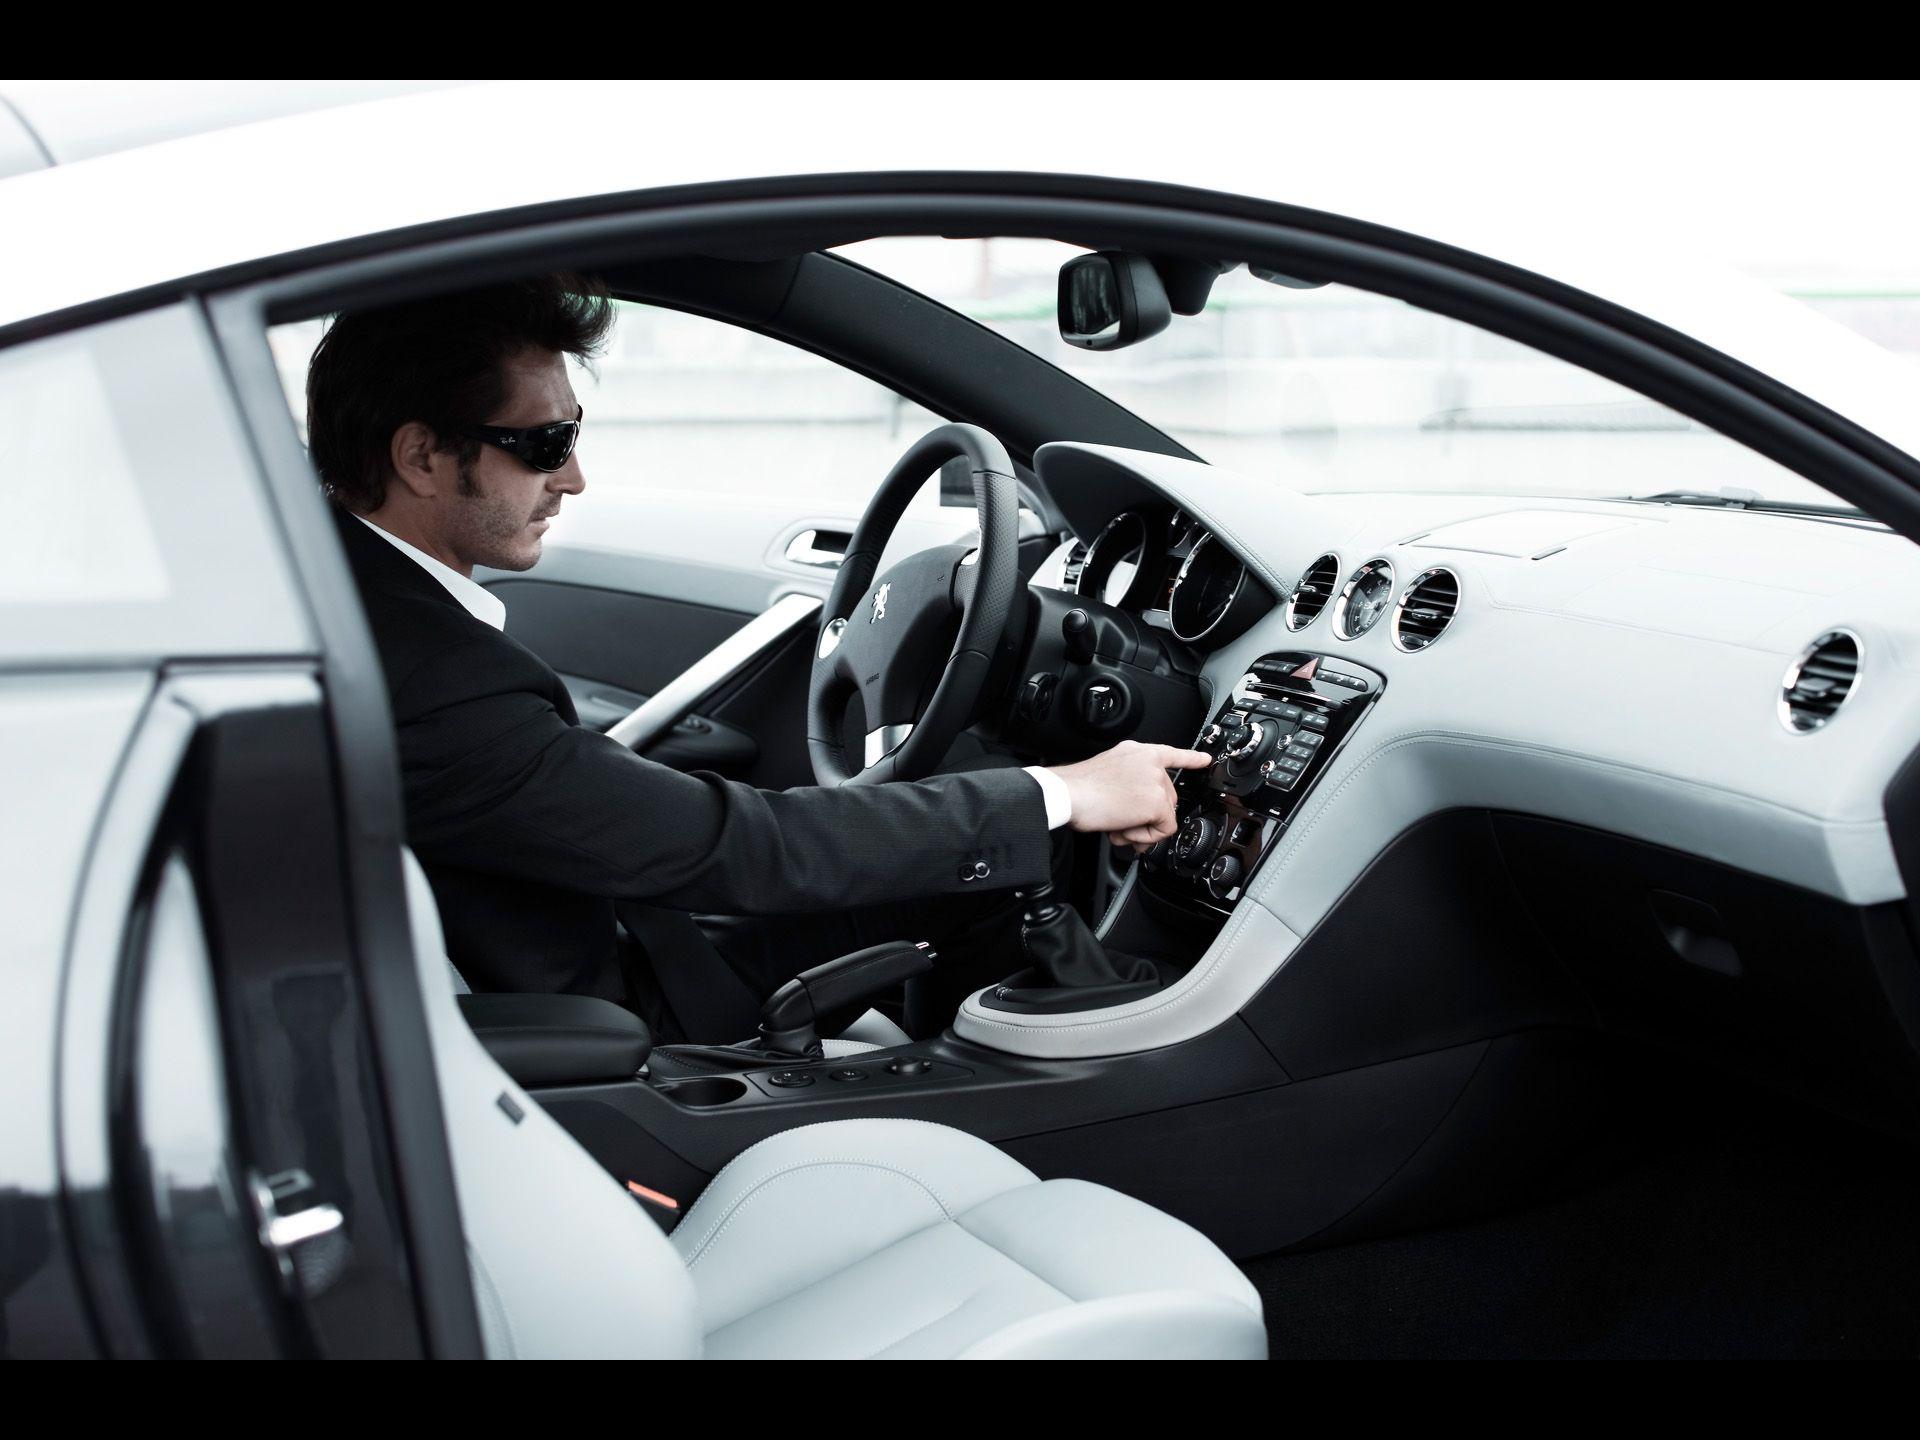 2010 Peugeot Rcz Interior Driver 1920x1440 Wallpaper